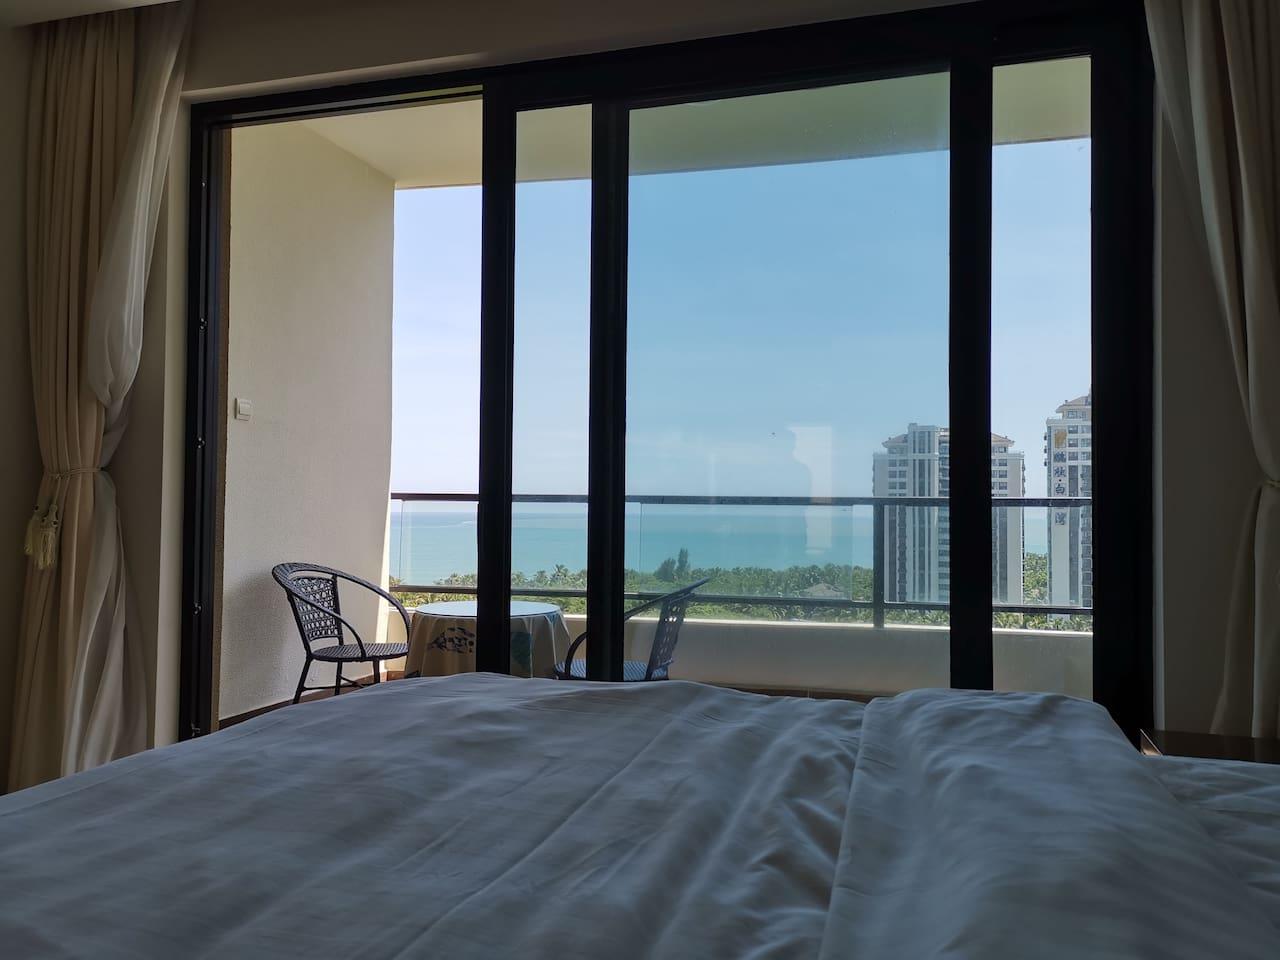 躺在床上就能看海